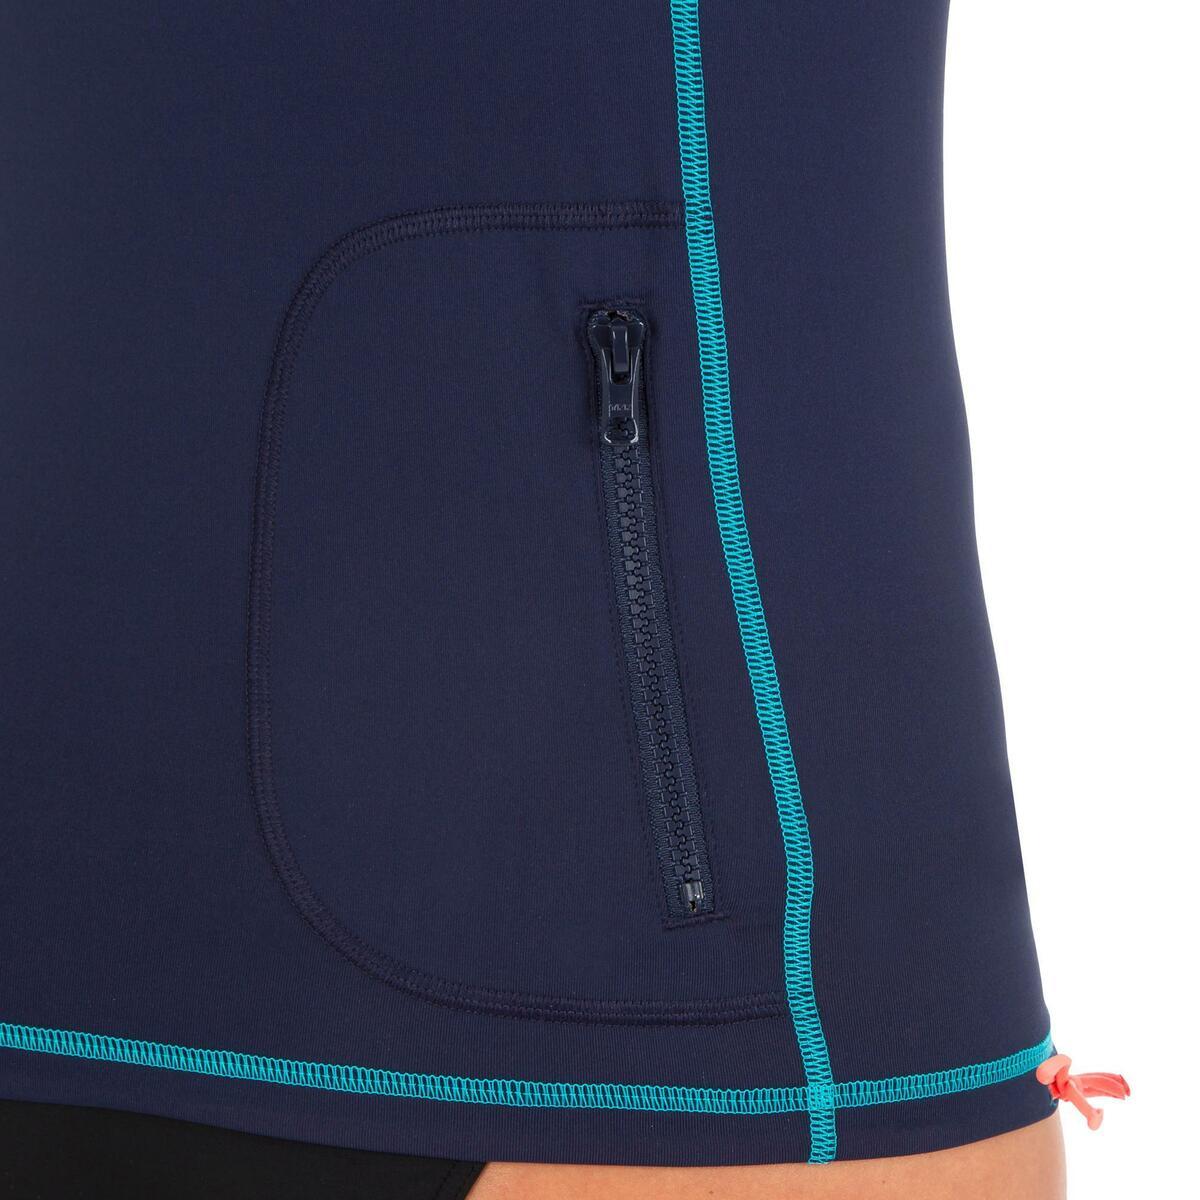 Bild 5 von UV-Shirt Surfen Top 500 mit Kapuze Damen blau/grün